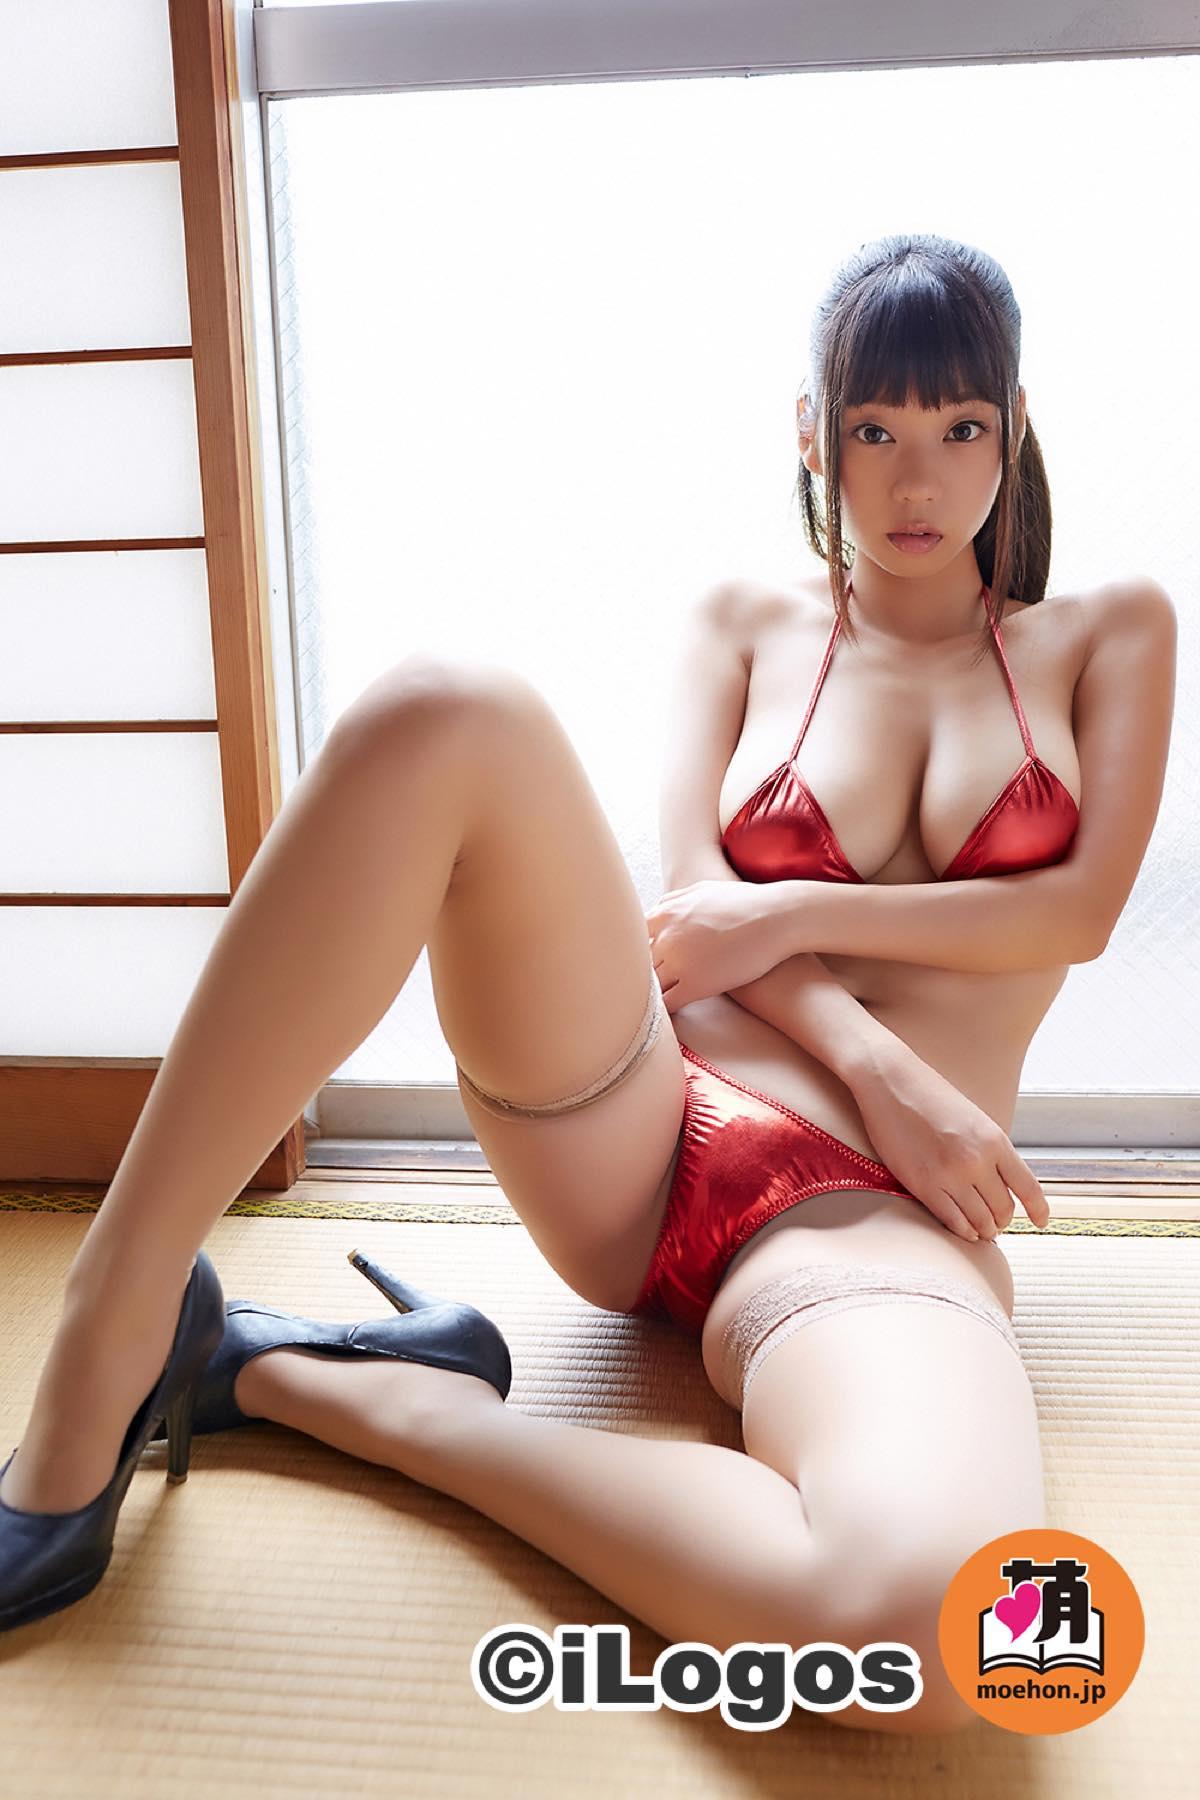 青山ひかる「イケナイ女教師」がセクシーに誘惑!004